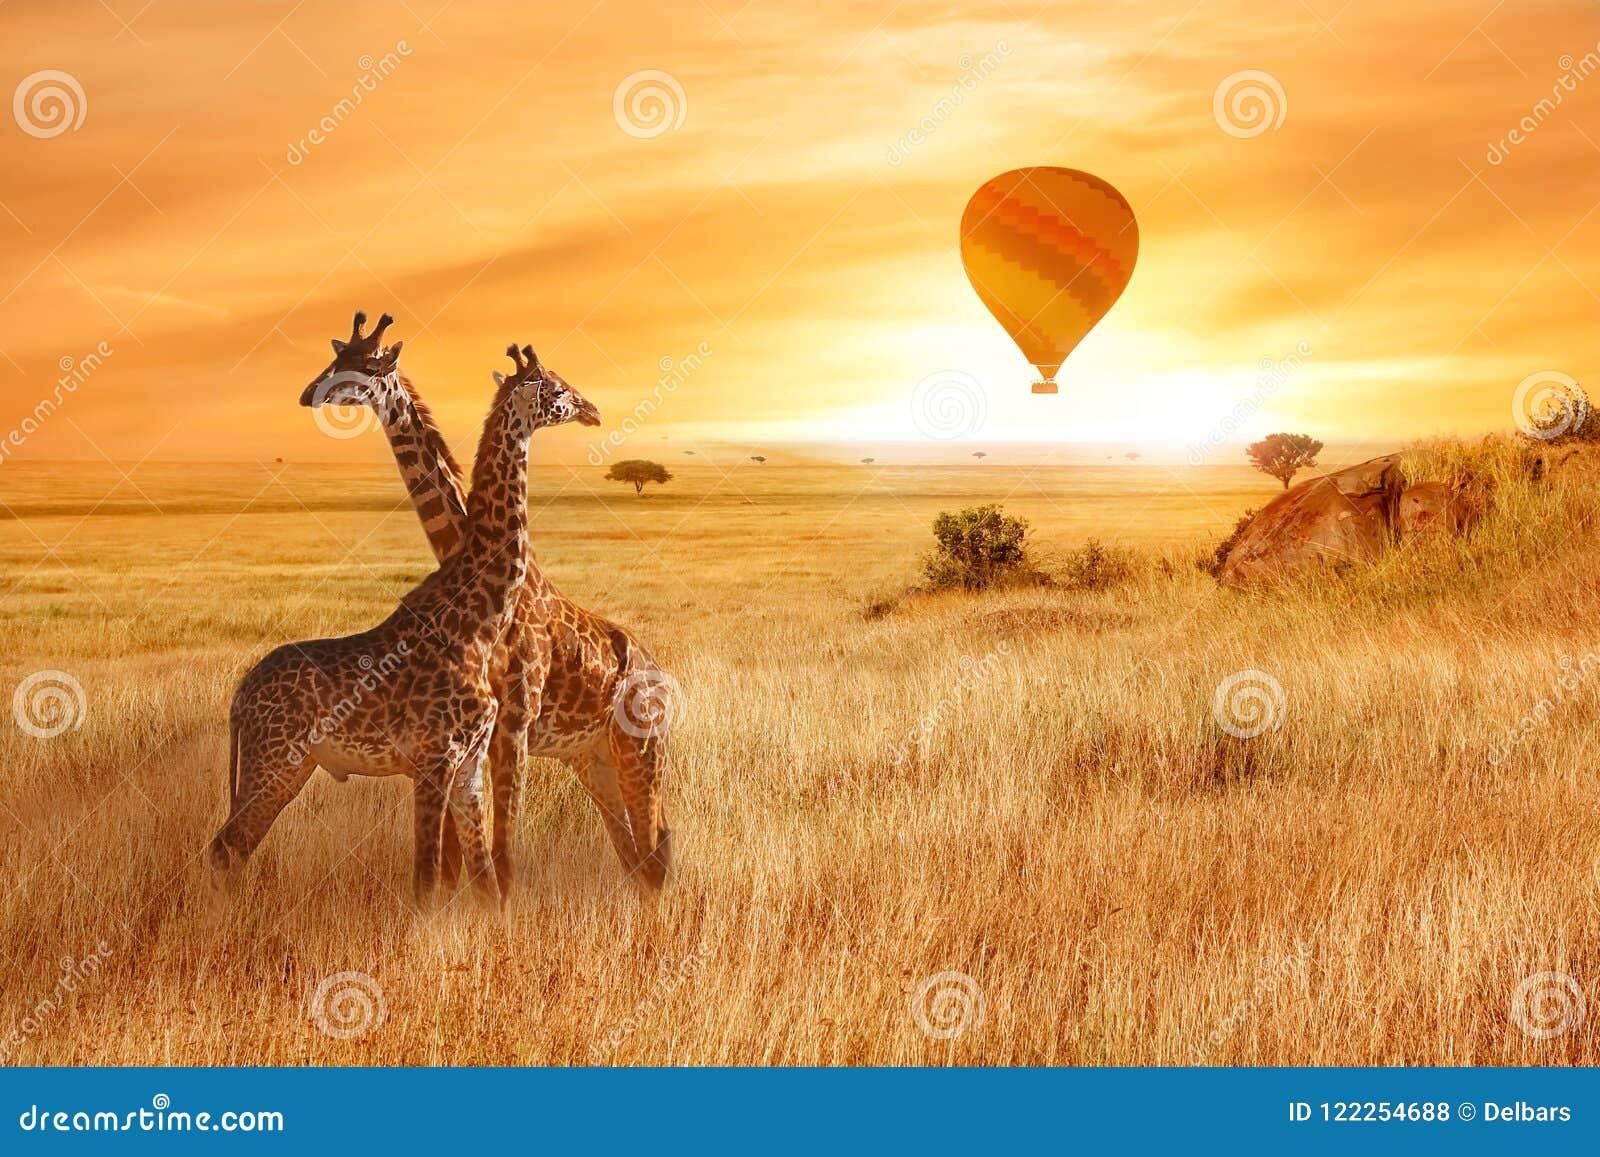 Jirafas en la sabana africana contra la perspectiva de la puesta del sol anaranjada Vuelo de un globo en el cielo sobre la sabana